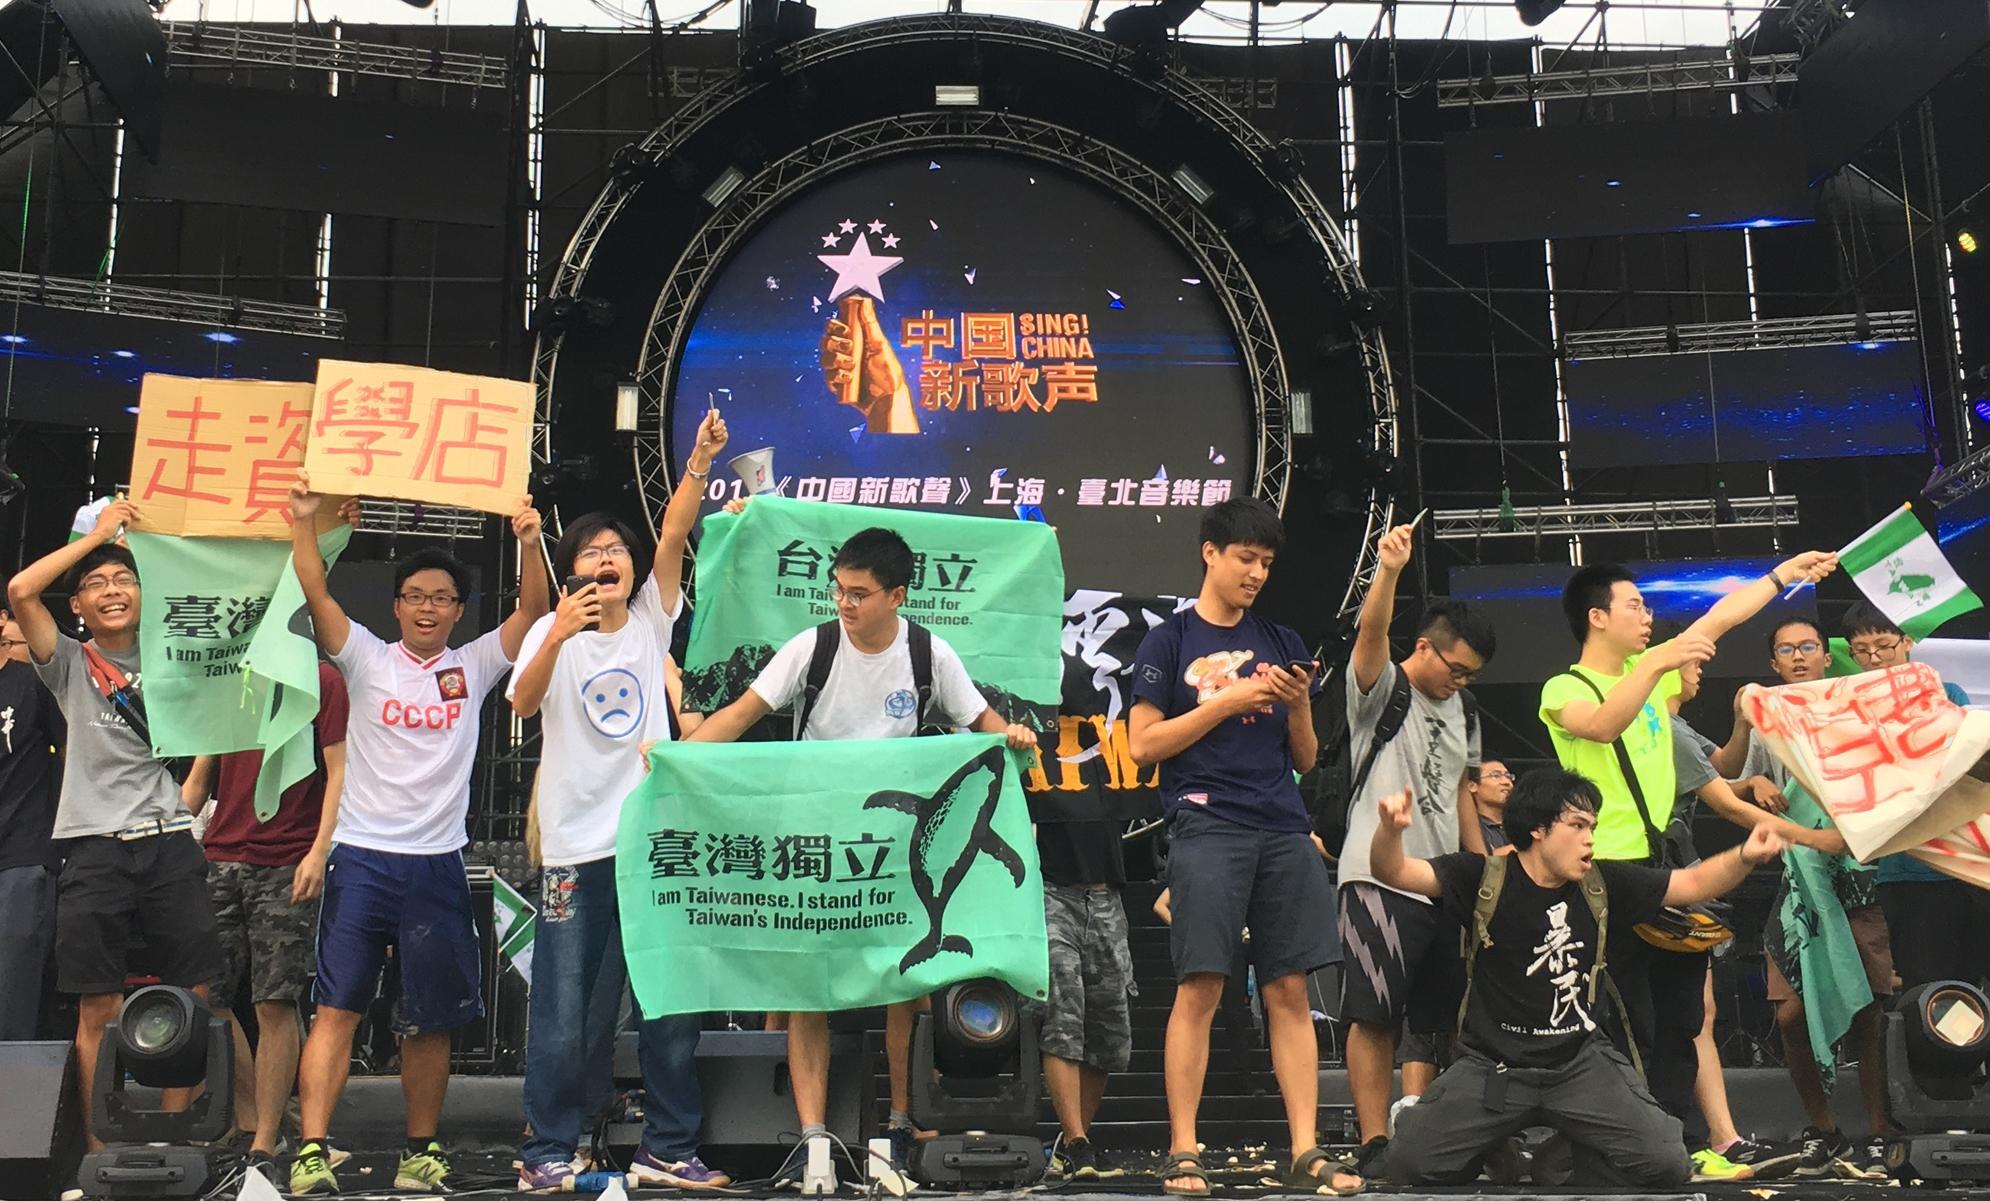 """Studenten auf der Konzertbühne von """"Sing China!"""" skandieren Parolen für die Unabhängigkeit Taiwans. Bild: Chen Wenzou"""